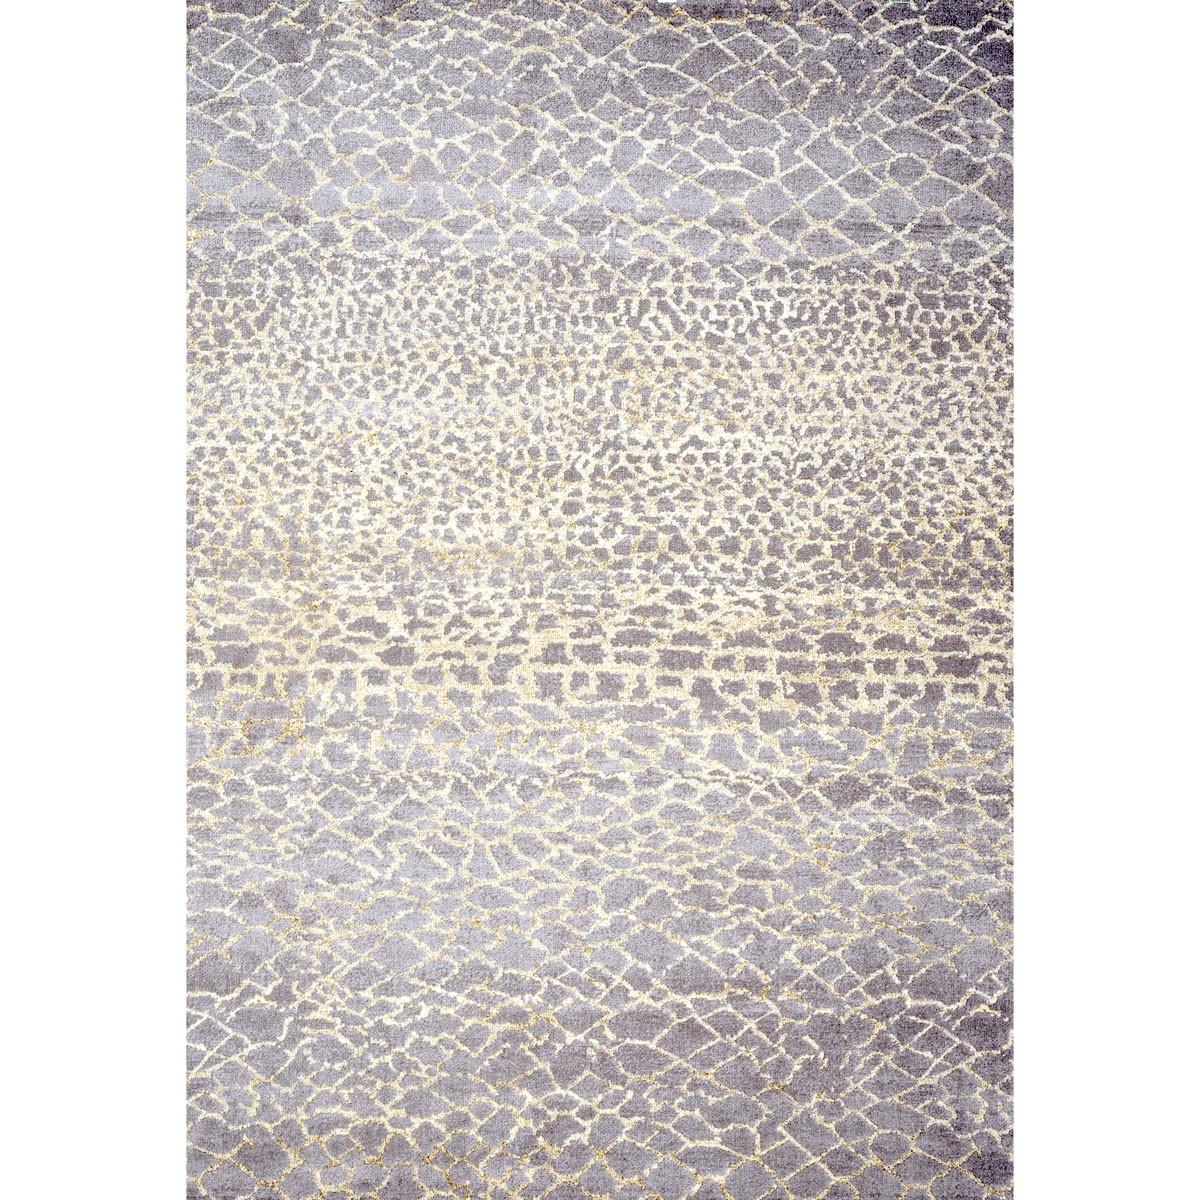 Χαλιά Κρεβατοκάμαρας (Σετ 3τμχ) Colore Colori Thema 14824/95